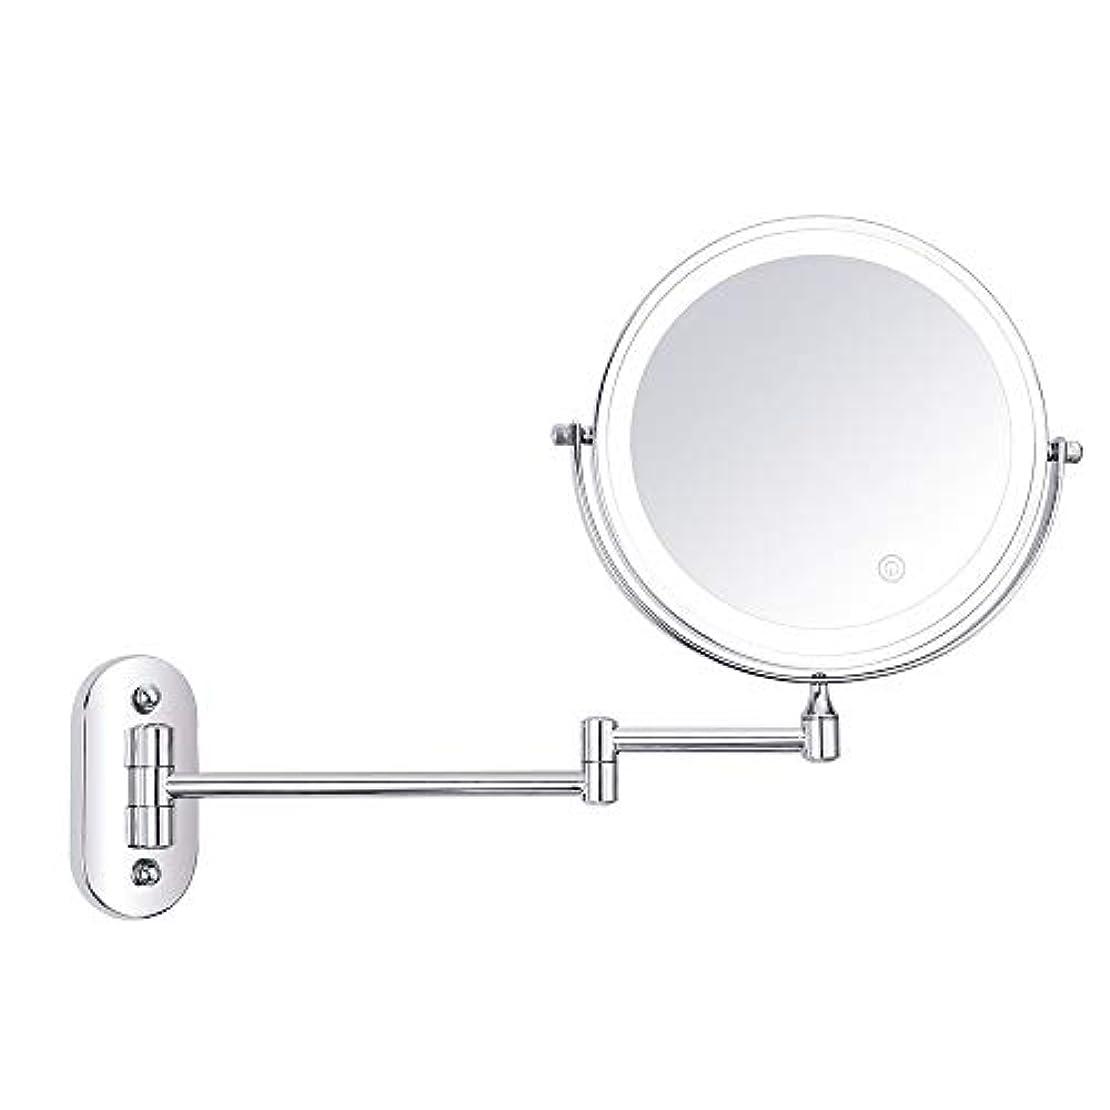 取り消す妻ボルト化粧鏡 LED照明壁掛け化粧鏡3倍/ 5倍/ 7倍/ 10倍倍率8インチ両面回転タッチスクリーンバニティミラー拡張可能 浴室のシャワー旅行 (色 : 銀, サイズ : 10X)